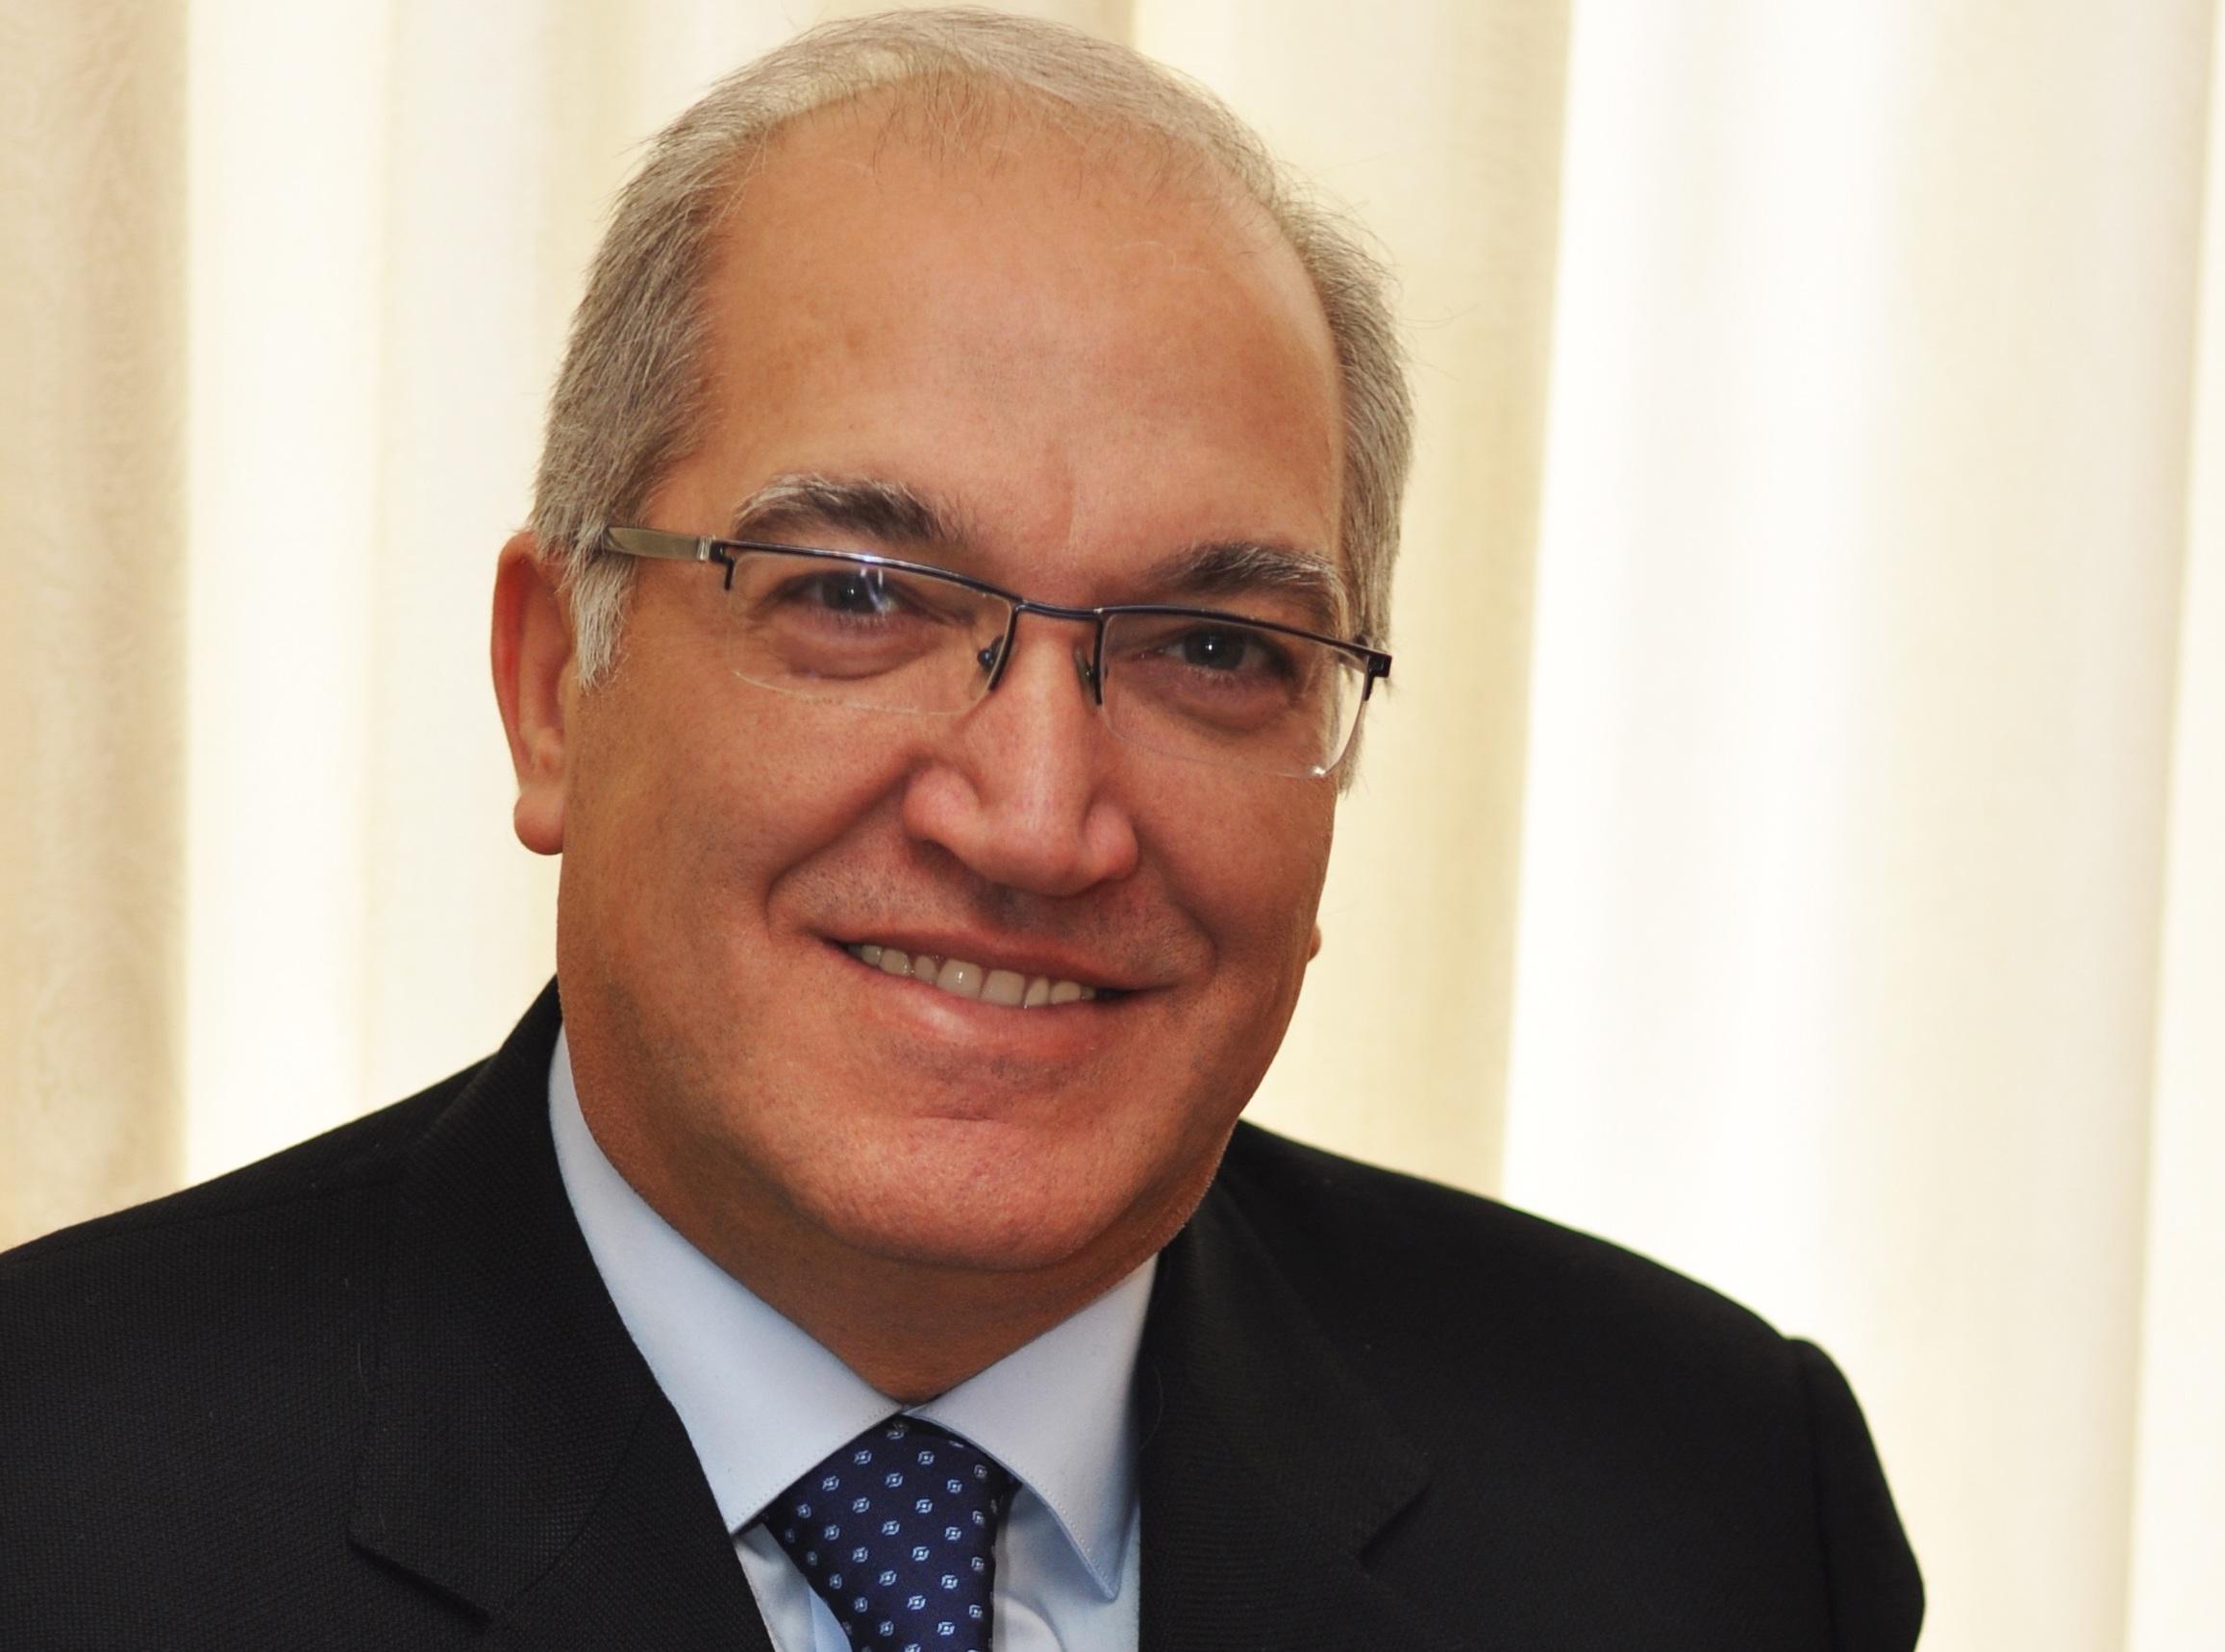 La Regione invia un ispettore al Comune di Marineo: nel mirino l'attività del sindaco